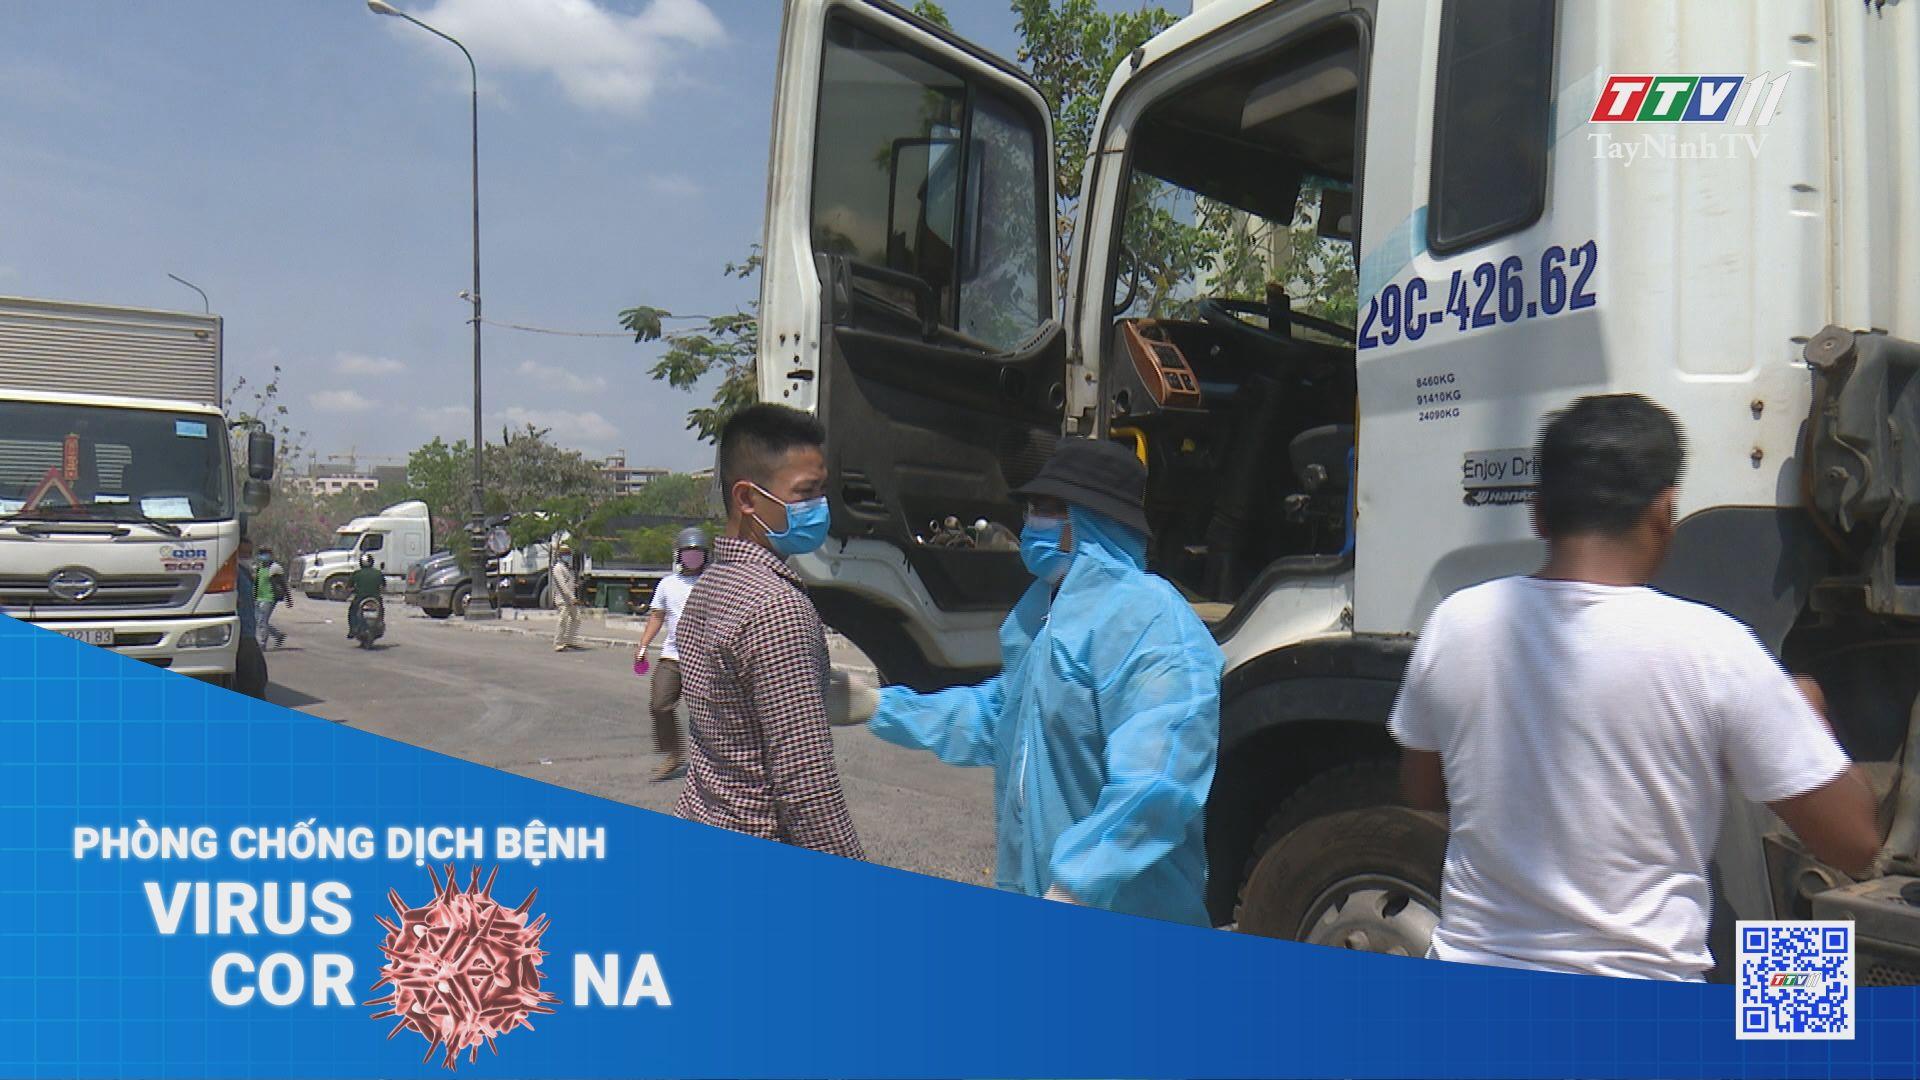 Đảm bảo lưu thông hàng hóa, an toàn chống dịch qua các cửa khẩu quốc tế | THÔNG TIN DỊCH CÚM COVID-19 | TayNinhTV